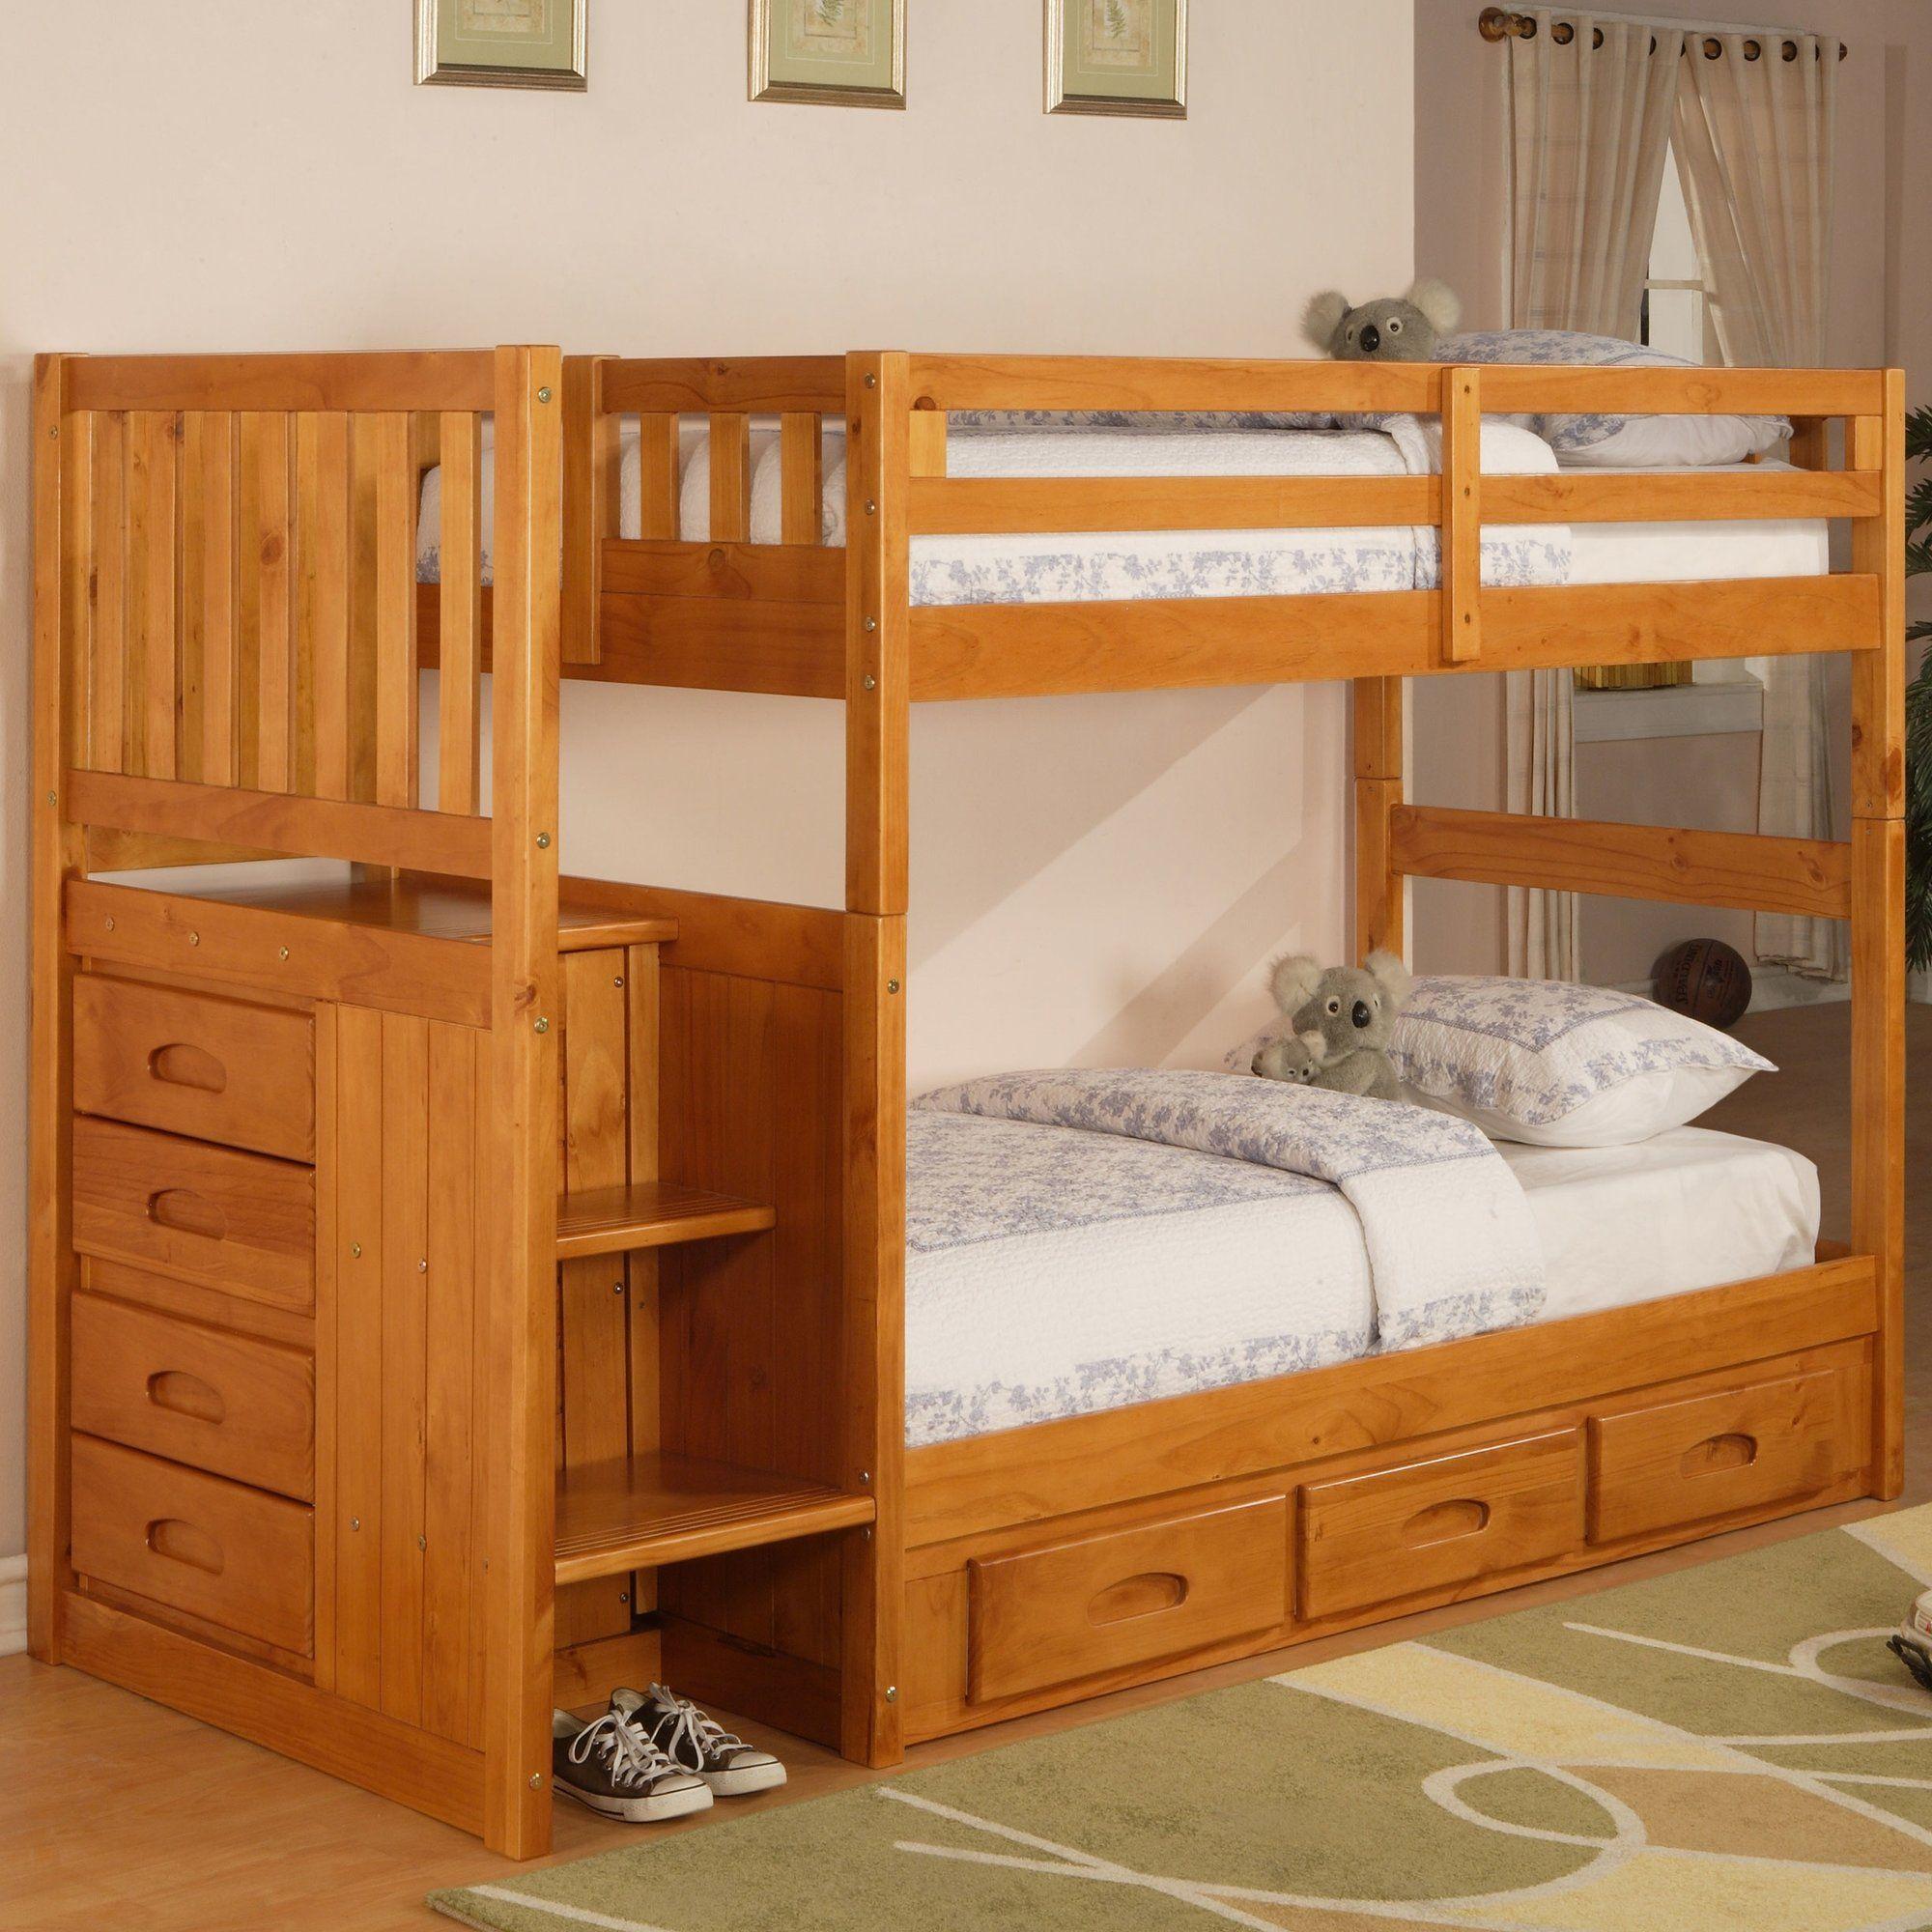 Harga Tempat Tidur Tingkat Anak Murah Tempat Tidur Tingkat Tempat Tidur Laci Tempat Tidur